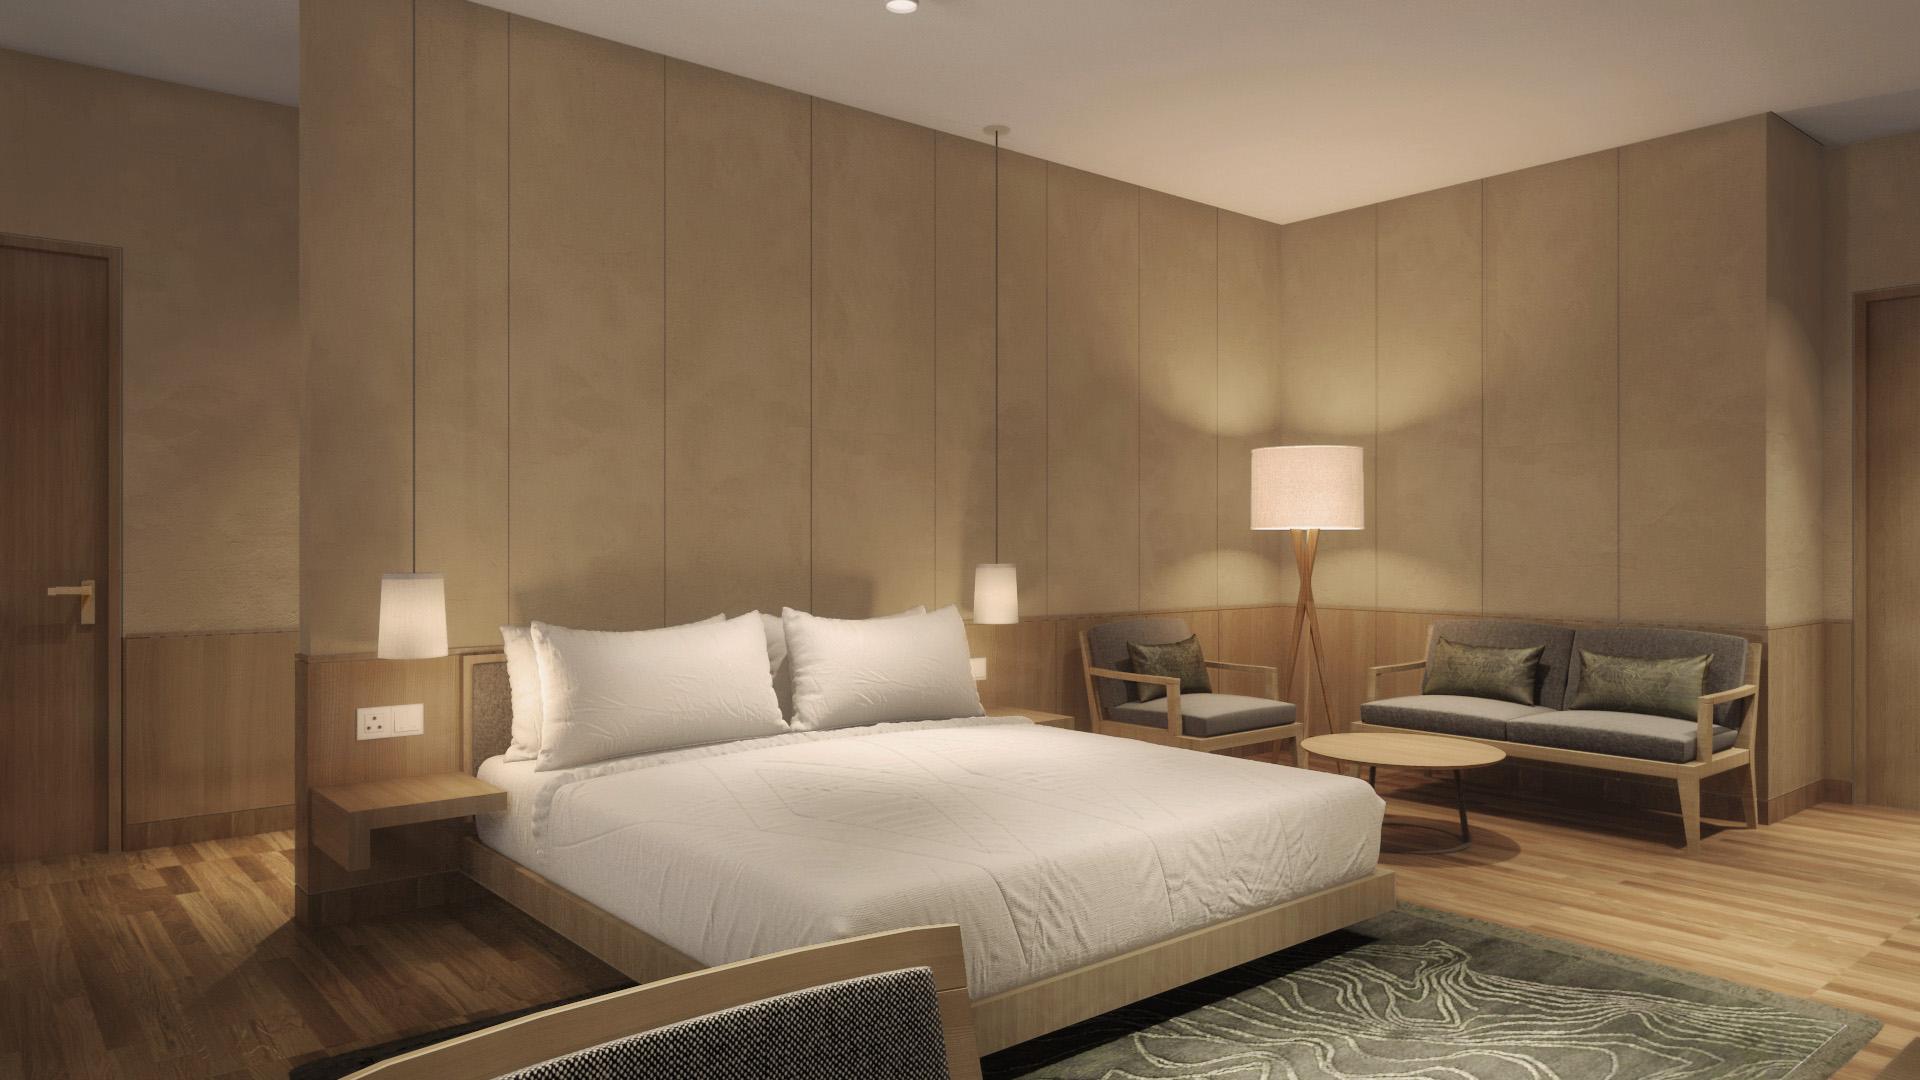 Hotel-Room2-Cam2.jpg